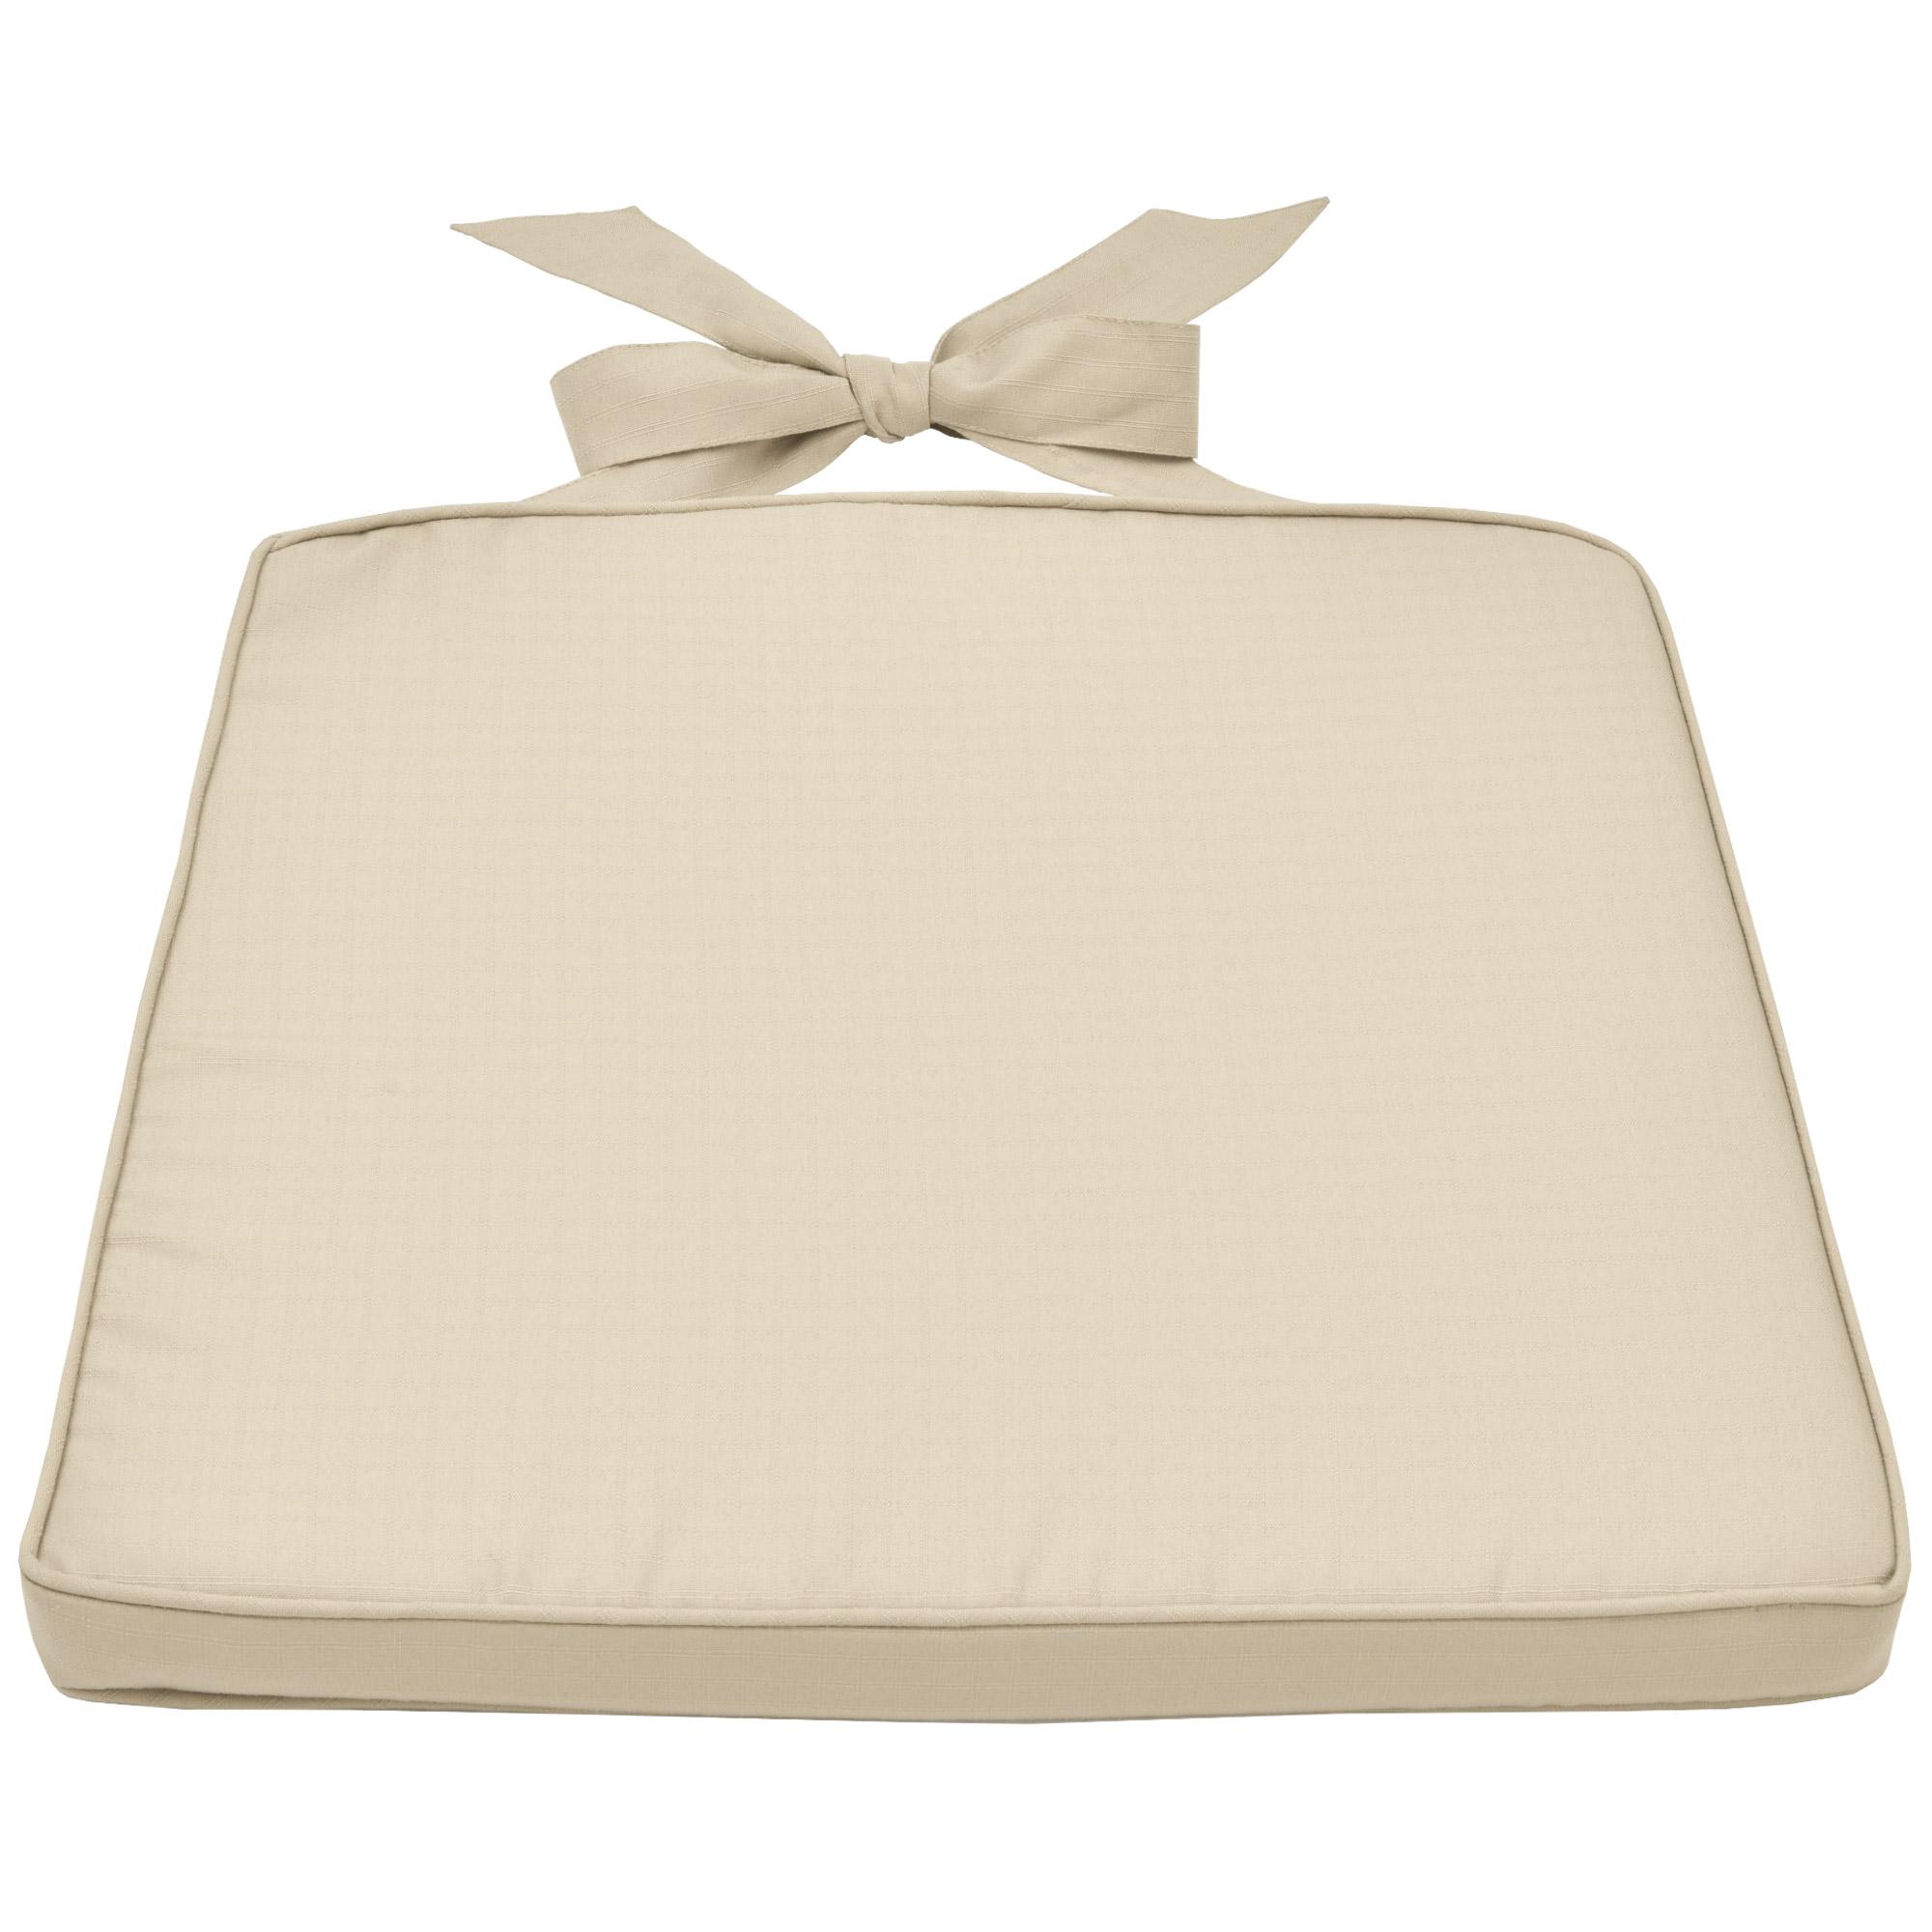 stuhlkissen sitzkissen kissen polster auflage sitzauflage sitzpolster rattan ebay. Black Bedroom Furniture Sets. Home Design Ideas